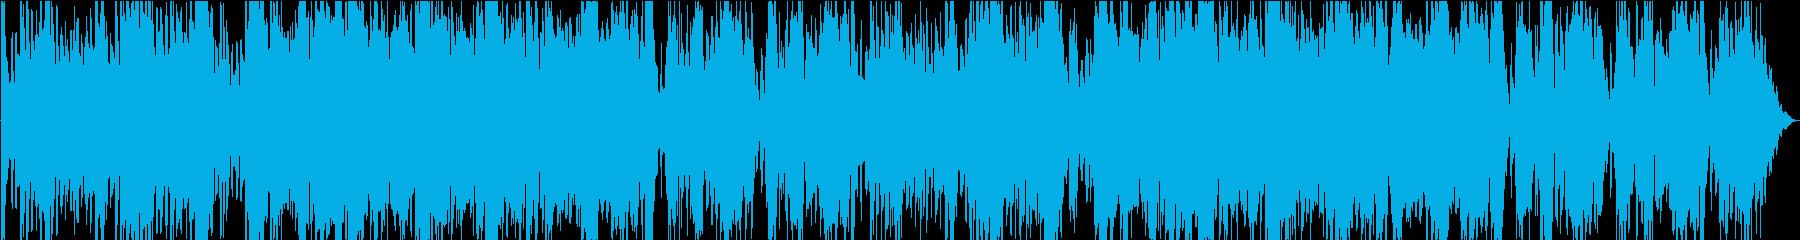 壮大な戦闘曲風オーケストラの再生済みの波形